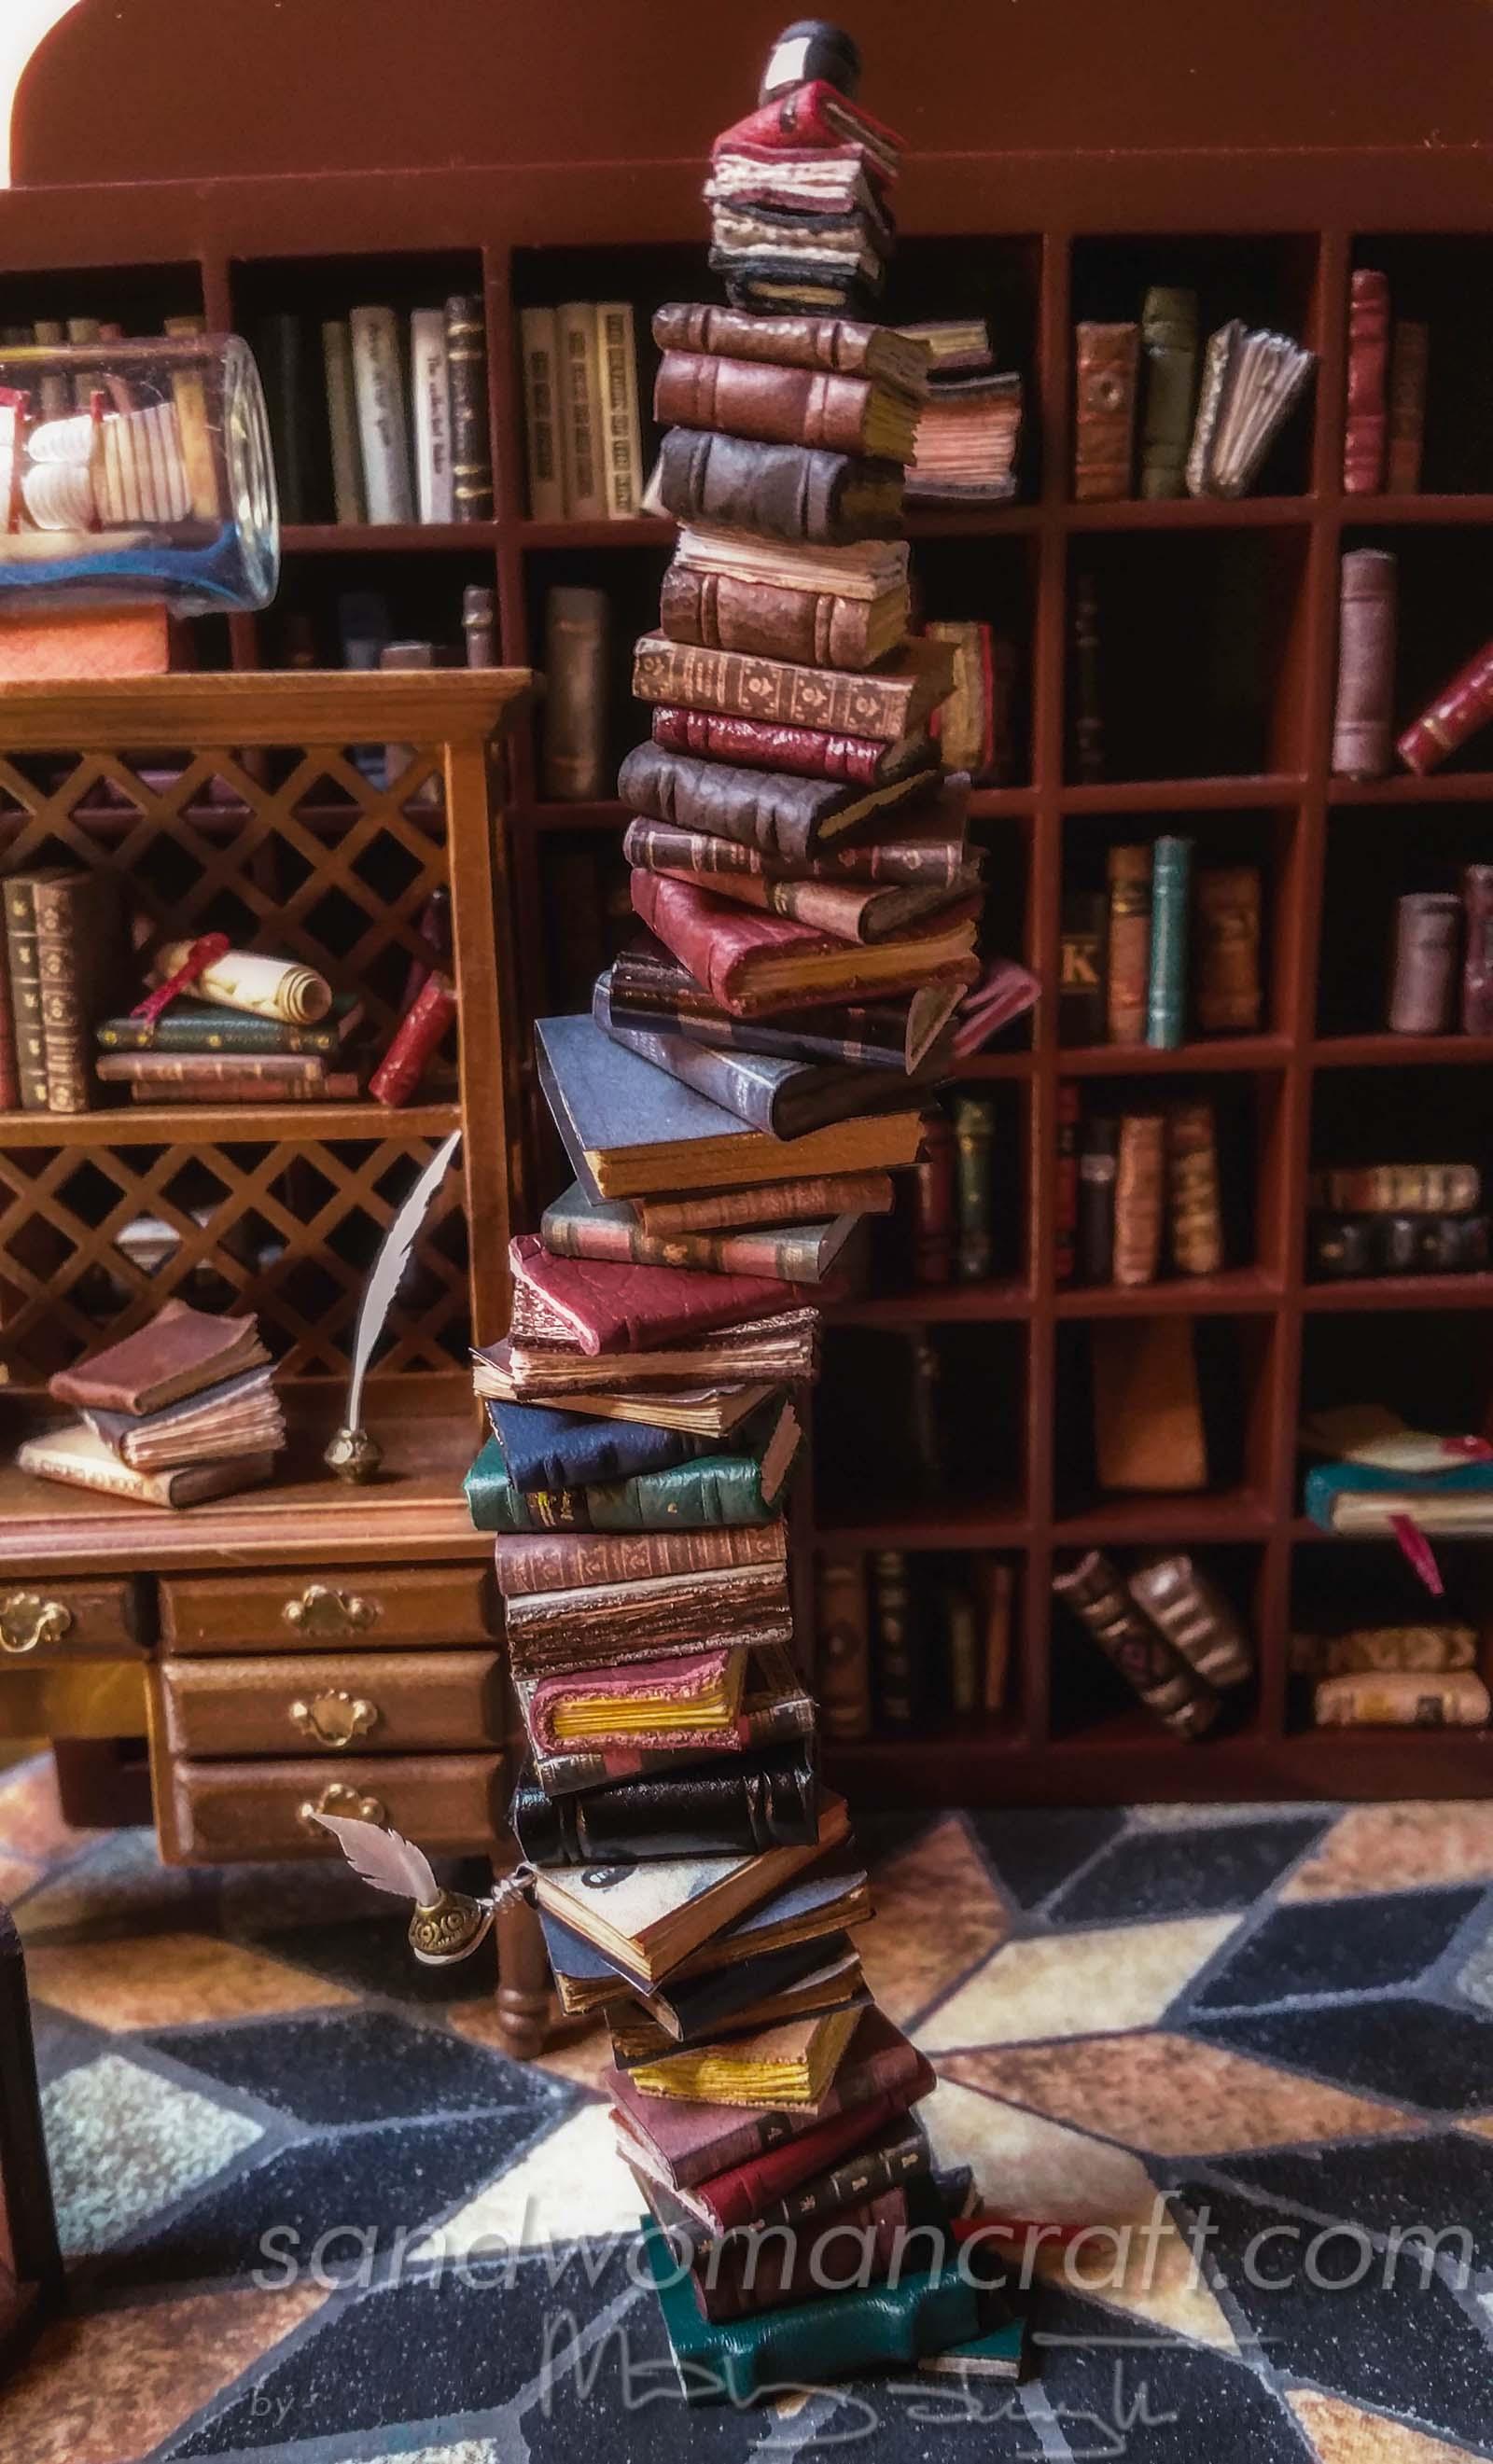 Miniature book stack